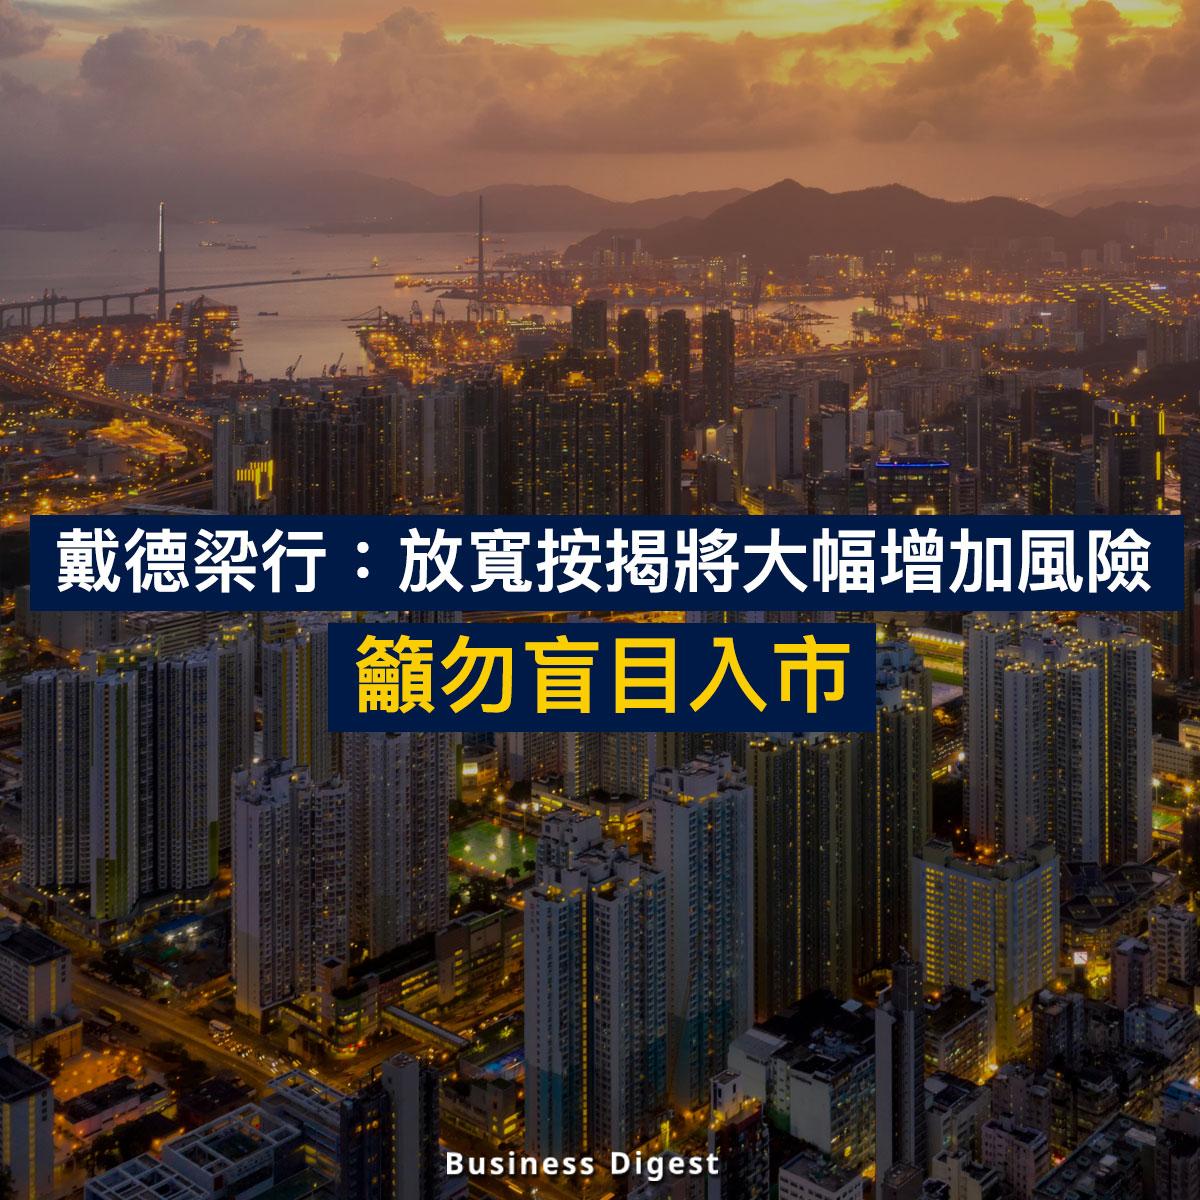 【商業熱話】戴德梁行:放寬按揭將大幅增加風險 籲勿盲目入市